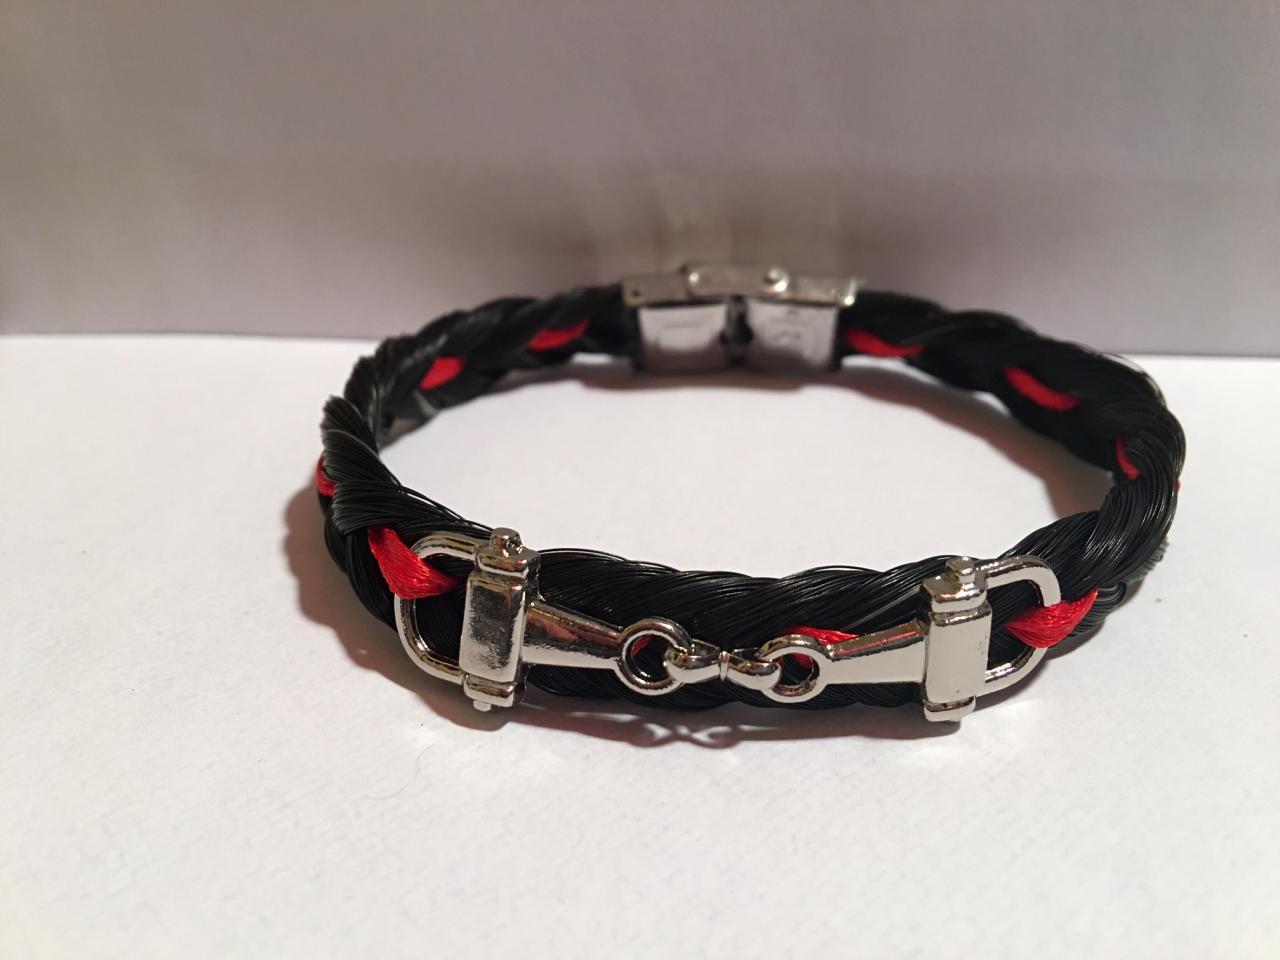 Bracelet en crins de cheval mors verdun, coloré en rouge